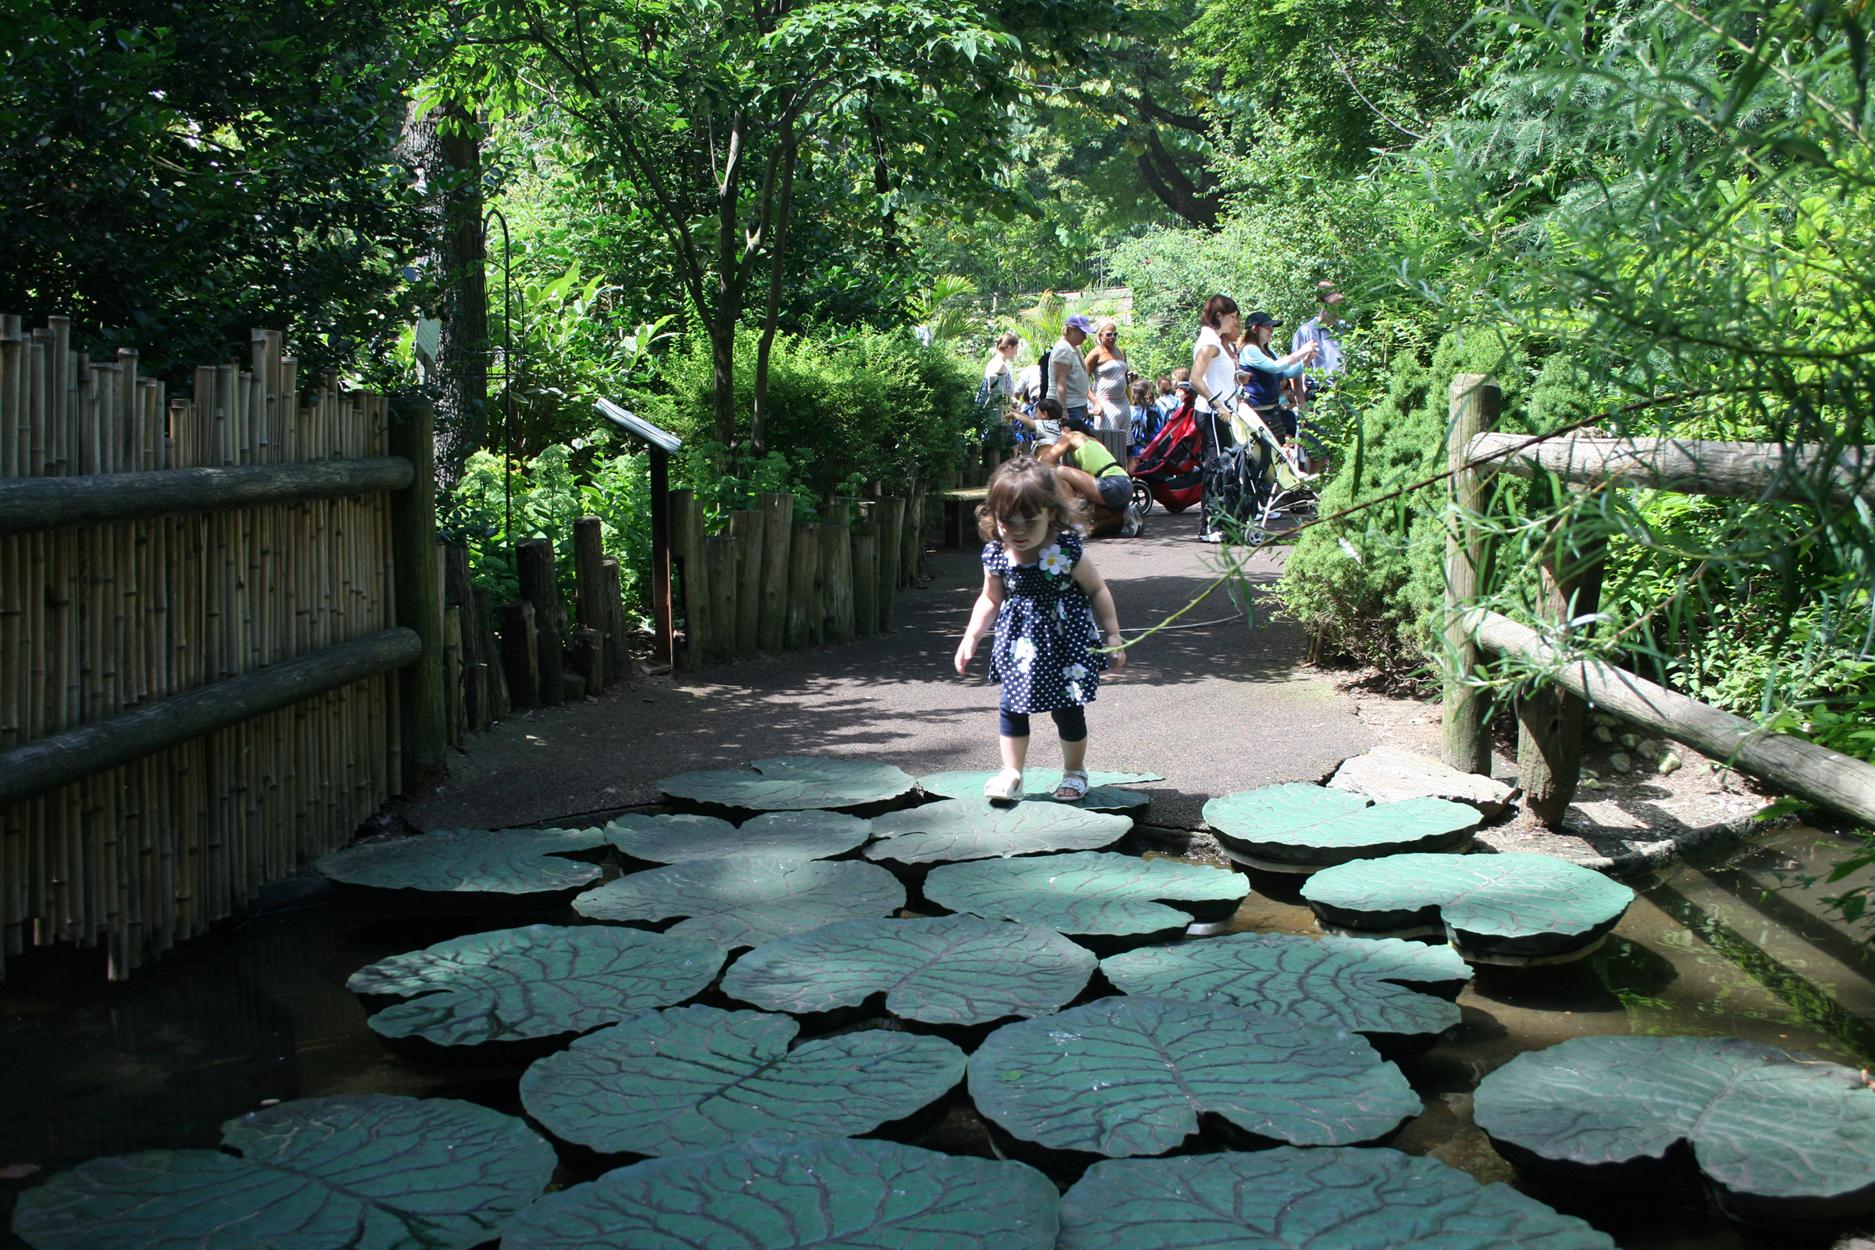 Central Park zoo landscape architecture